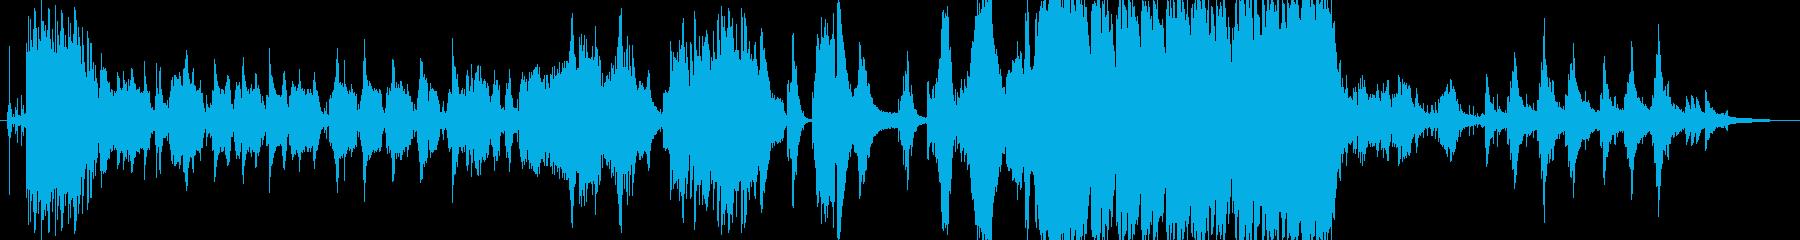 inc.の再生済みの波形